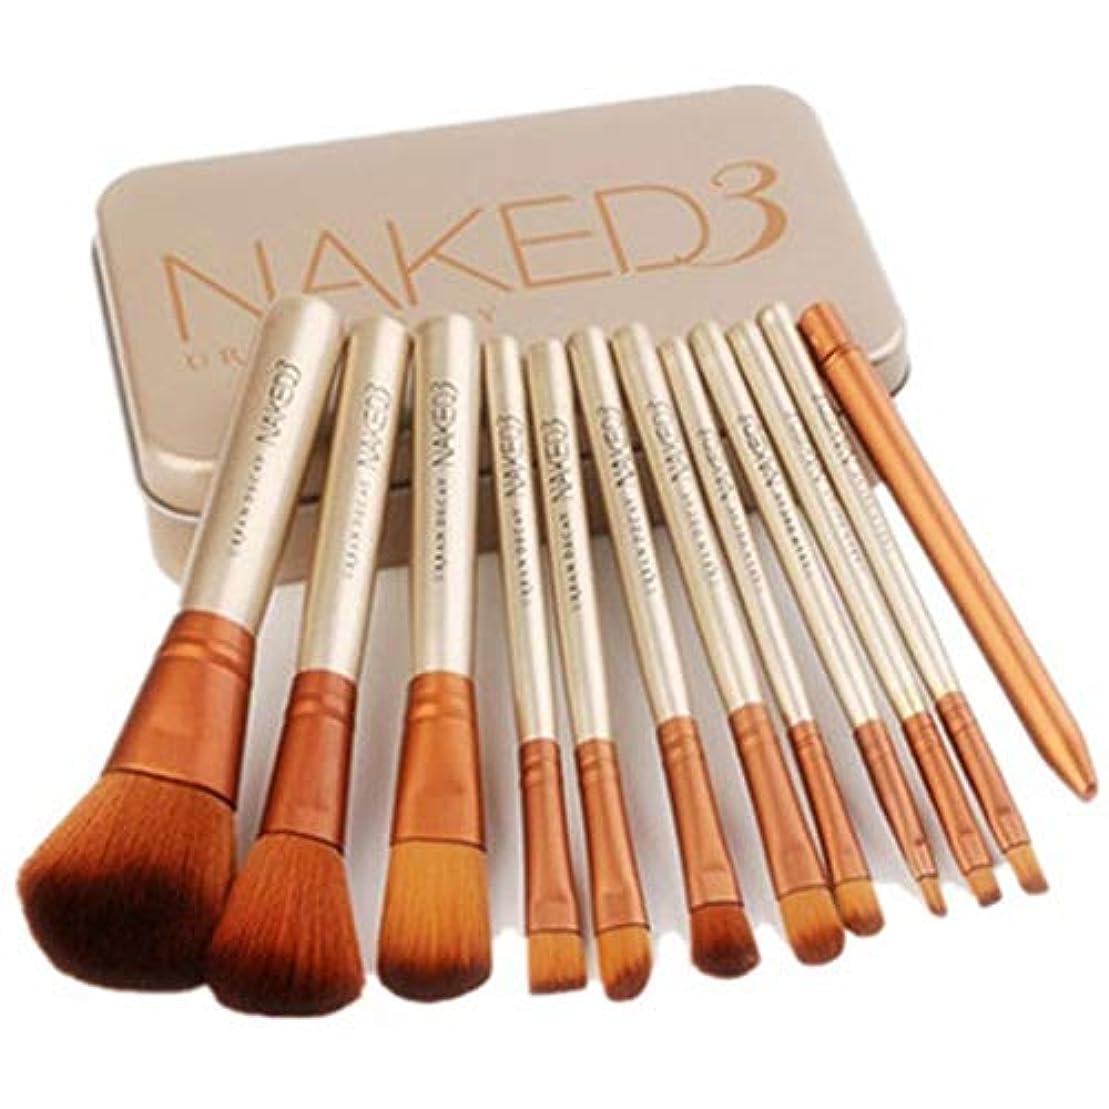 誤解させる抹消矢初心者用化粧筆のための12の化粧筆美容化粧キット